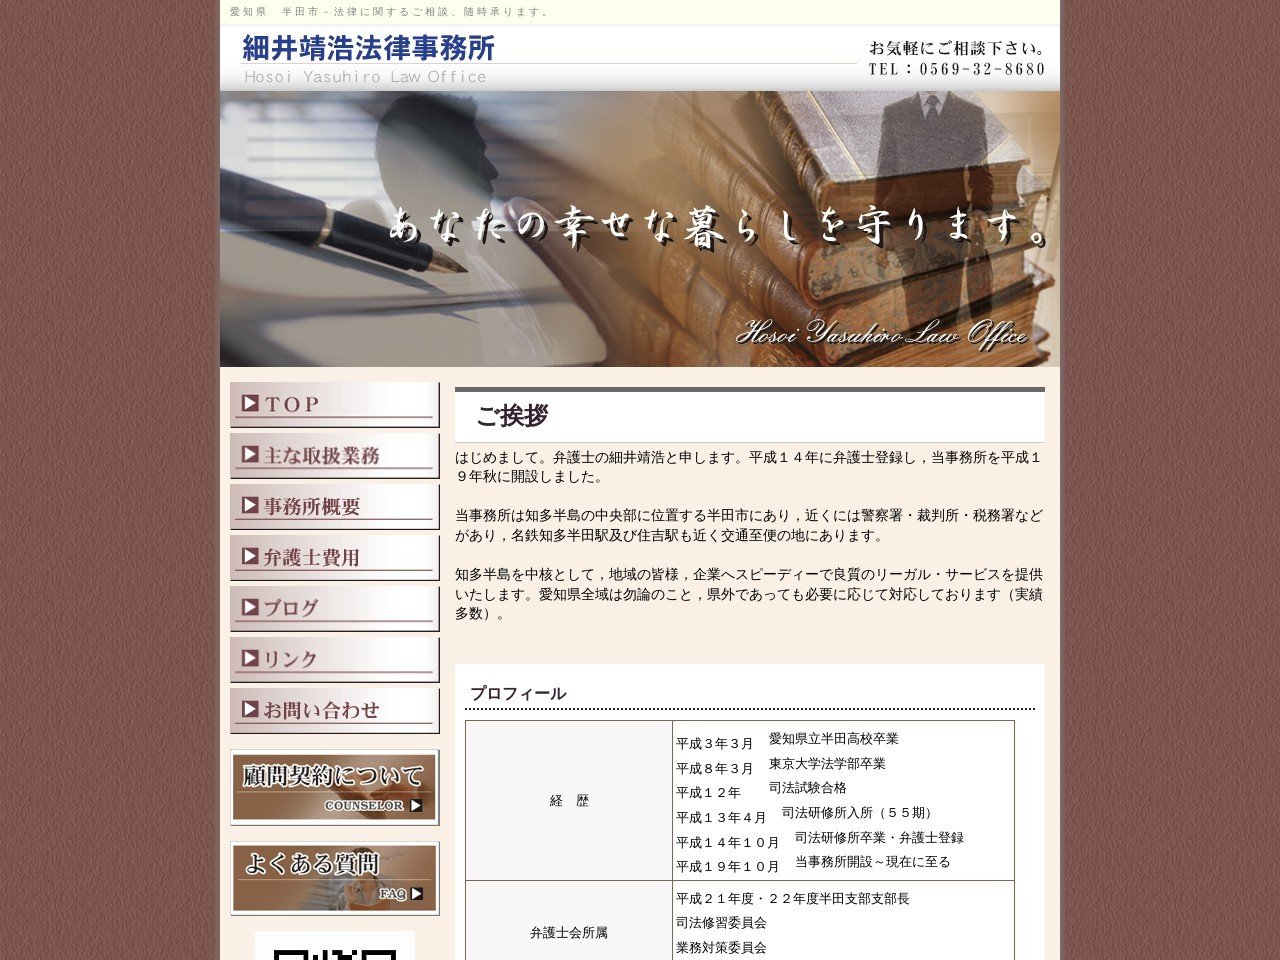 細井靖浩法律事務所